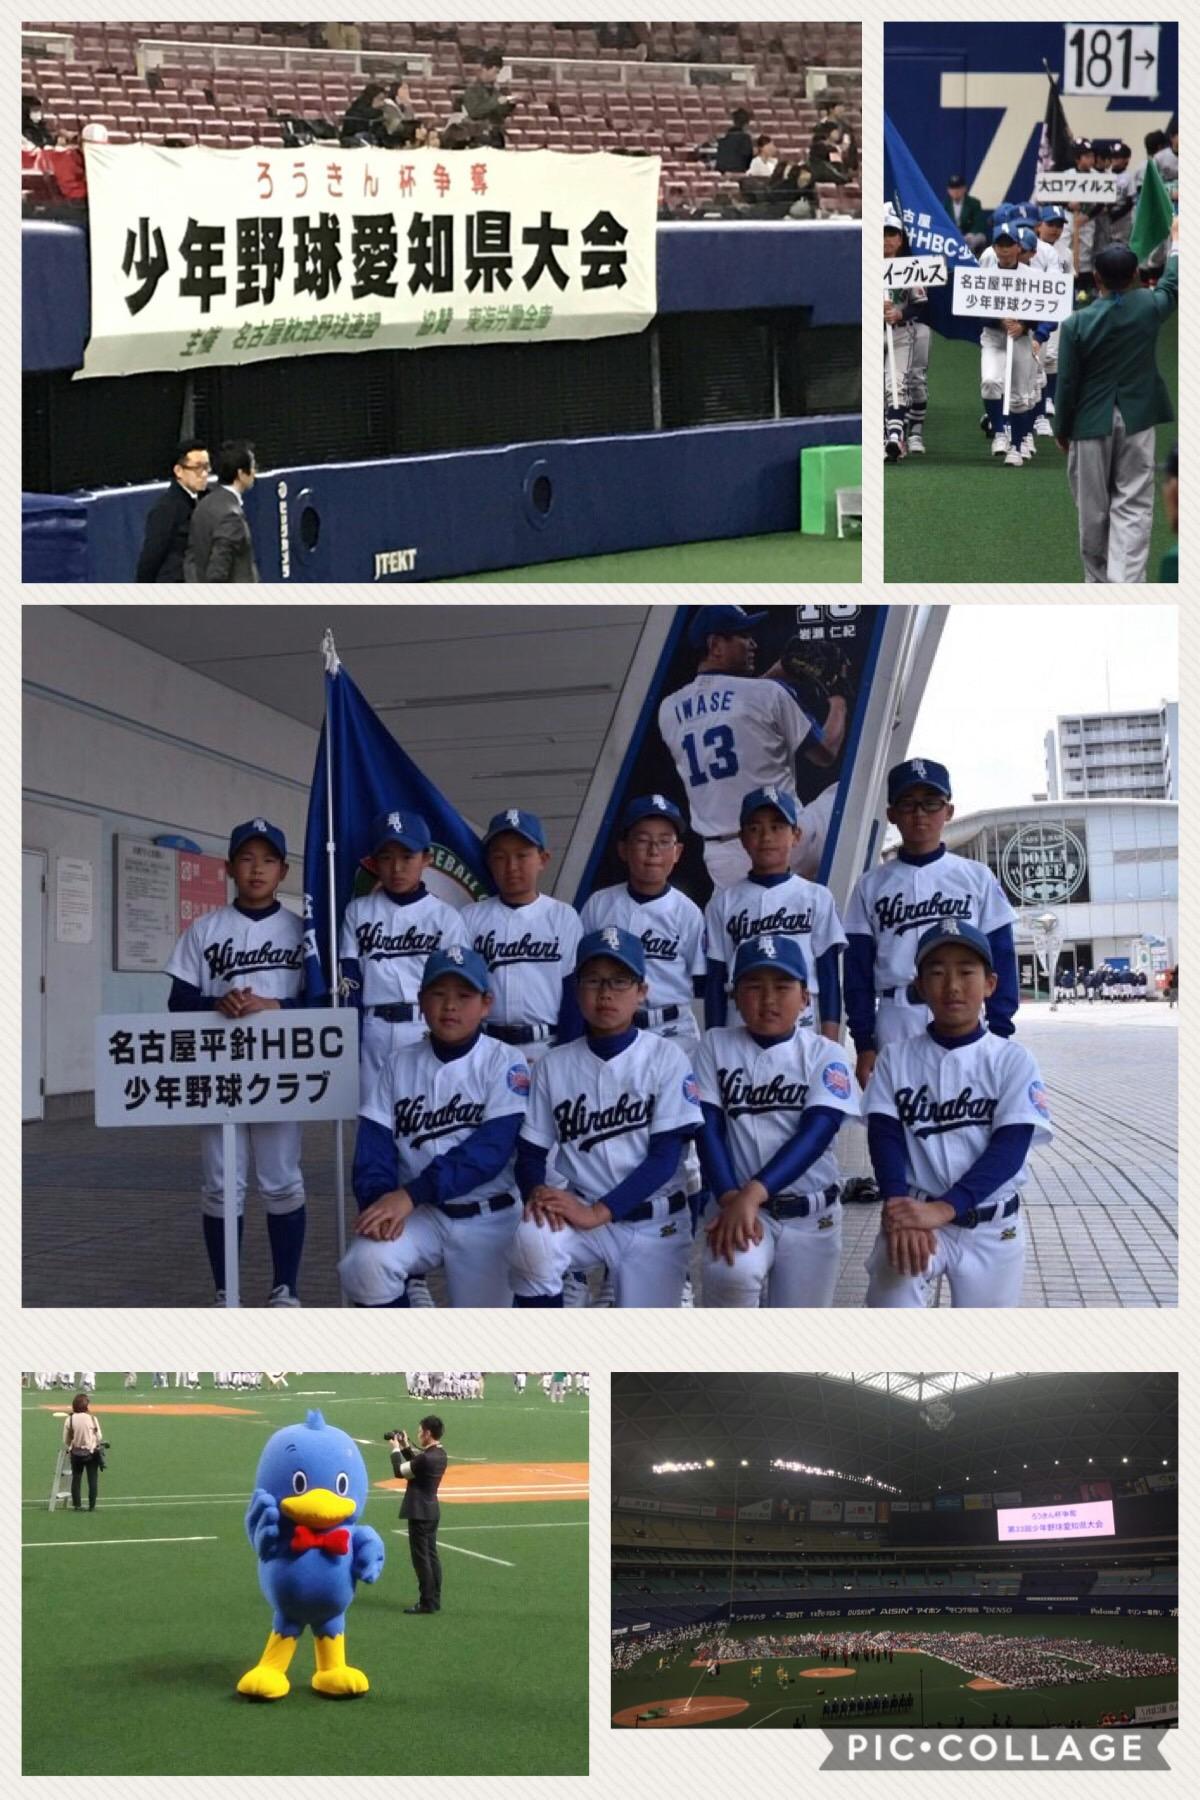 ろうきん杯争奪少年野球愛知大会開会式(H30.4.8)ナゴヤドーム